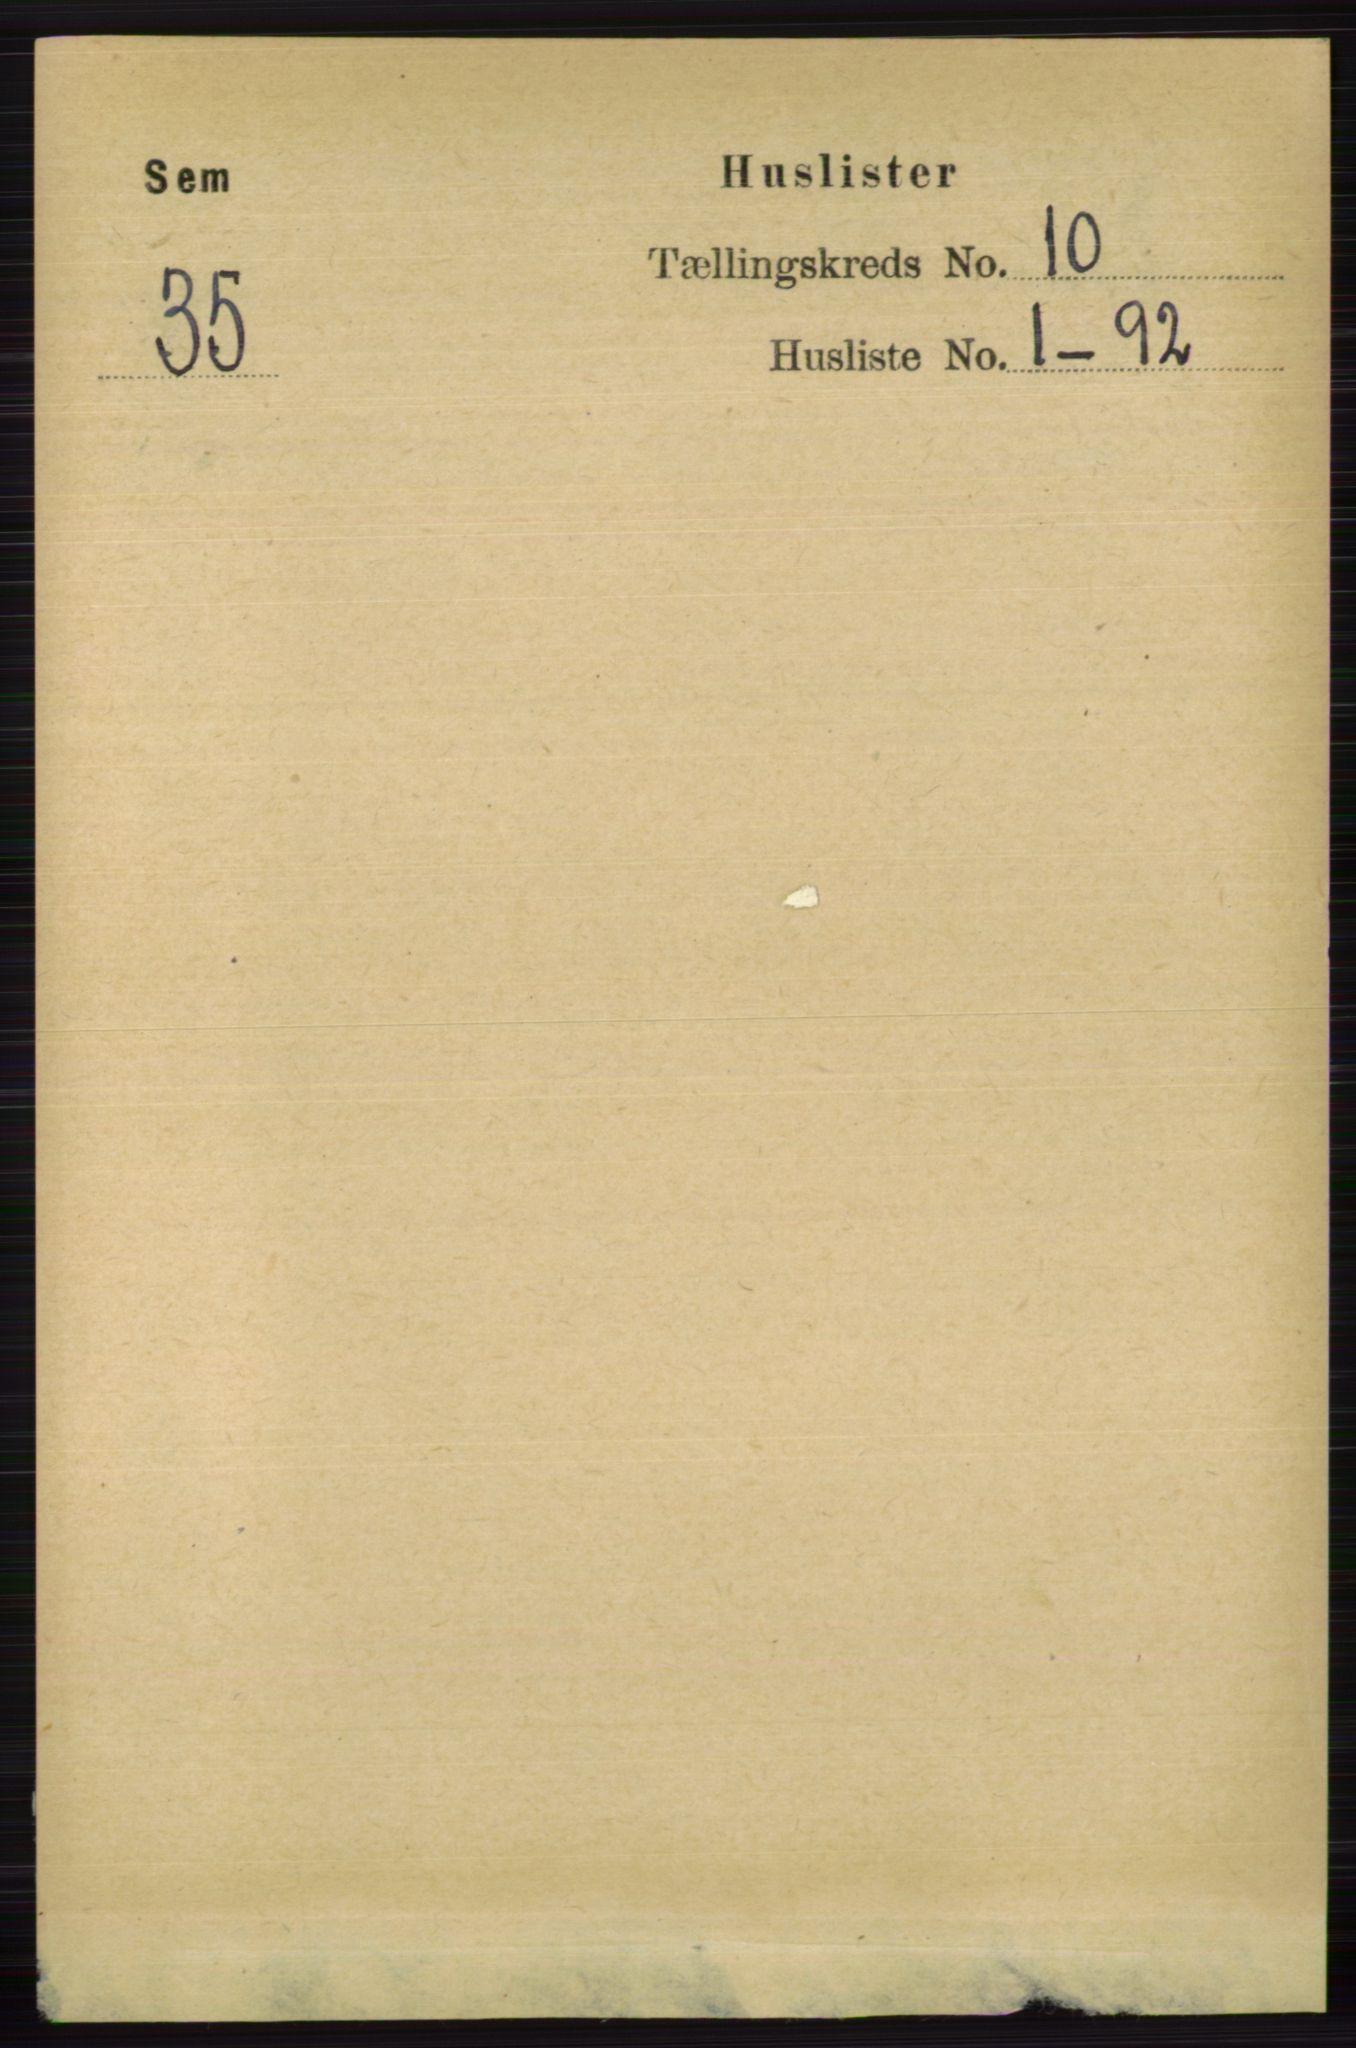 RA, Folketelling 1891 for 0721 Sem herred, 1891, s. 4701